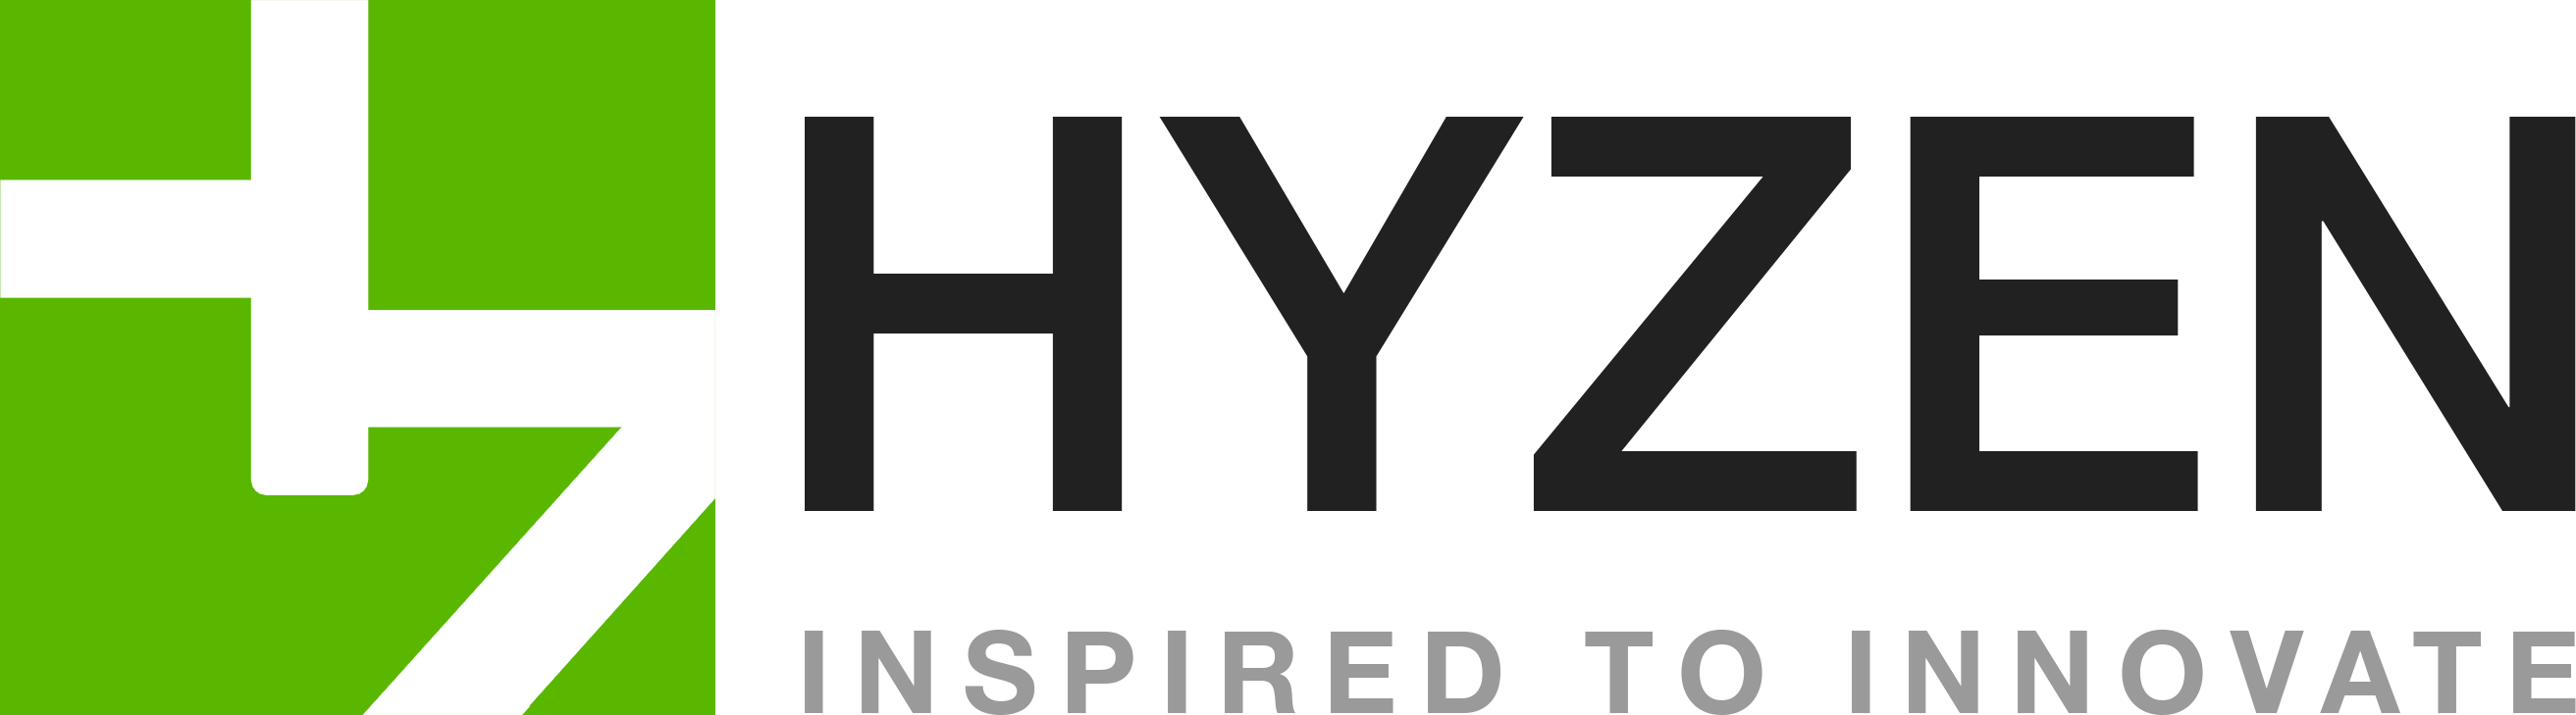 Hyzen Technologies